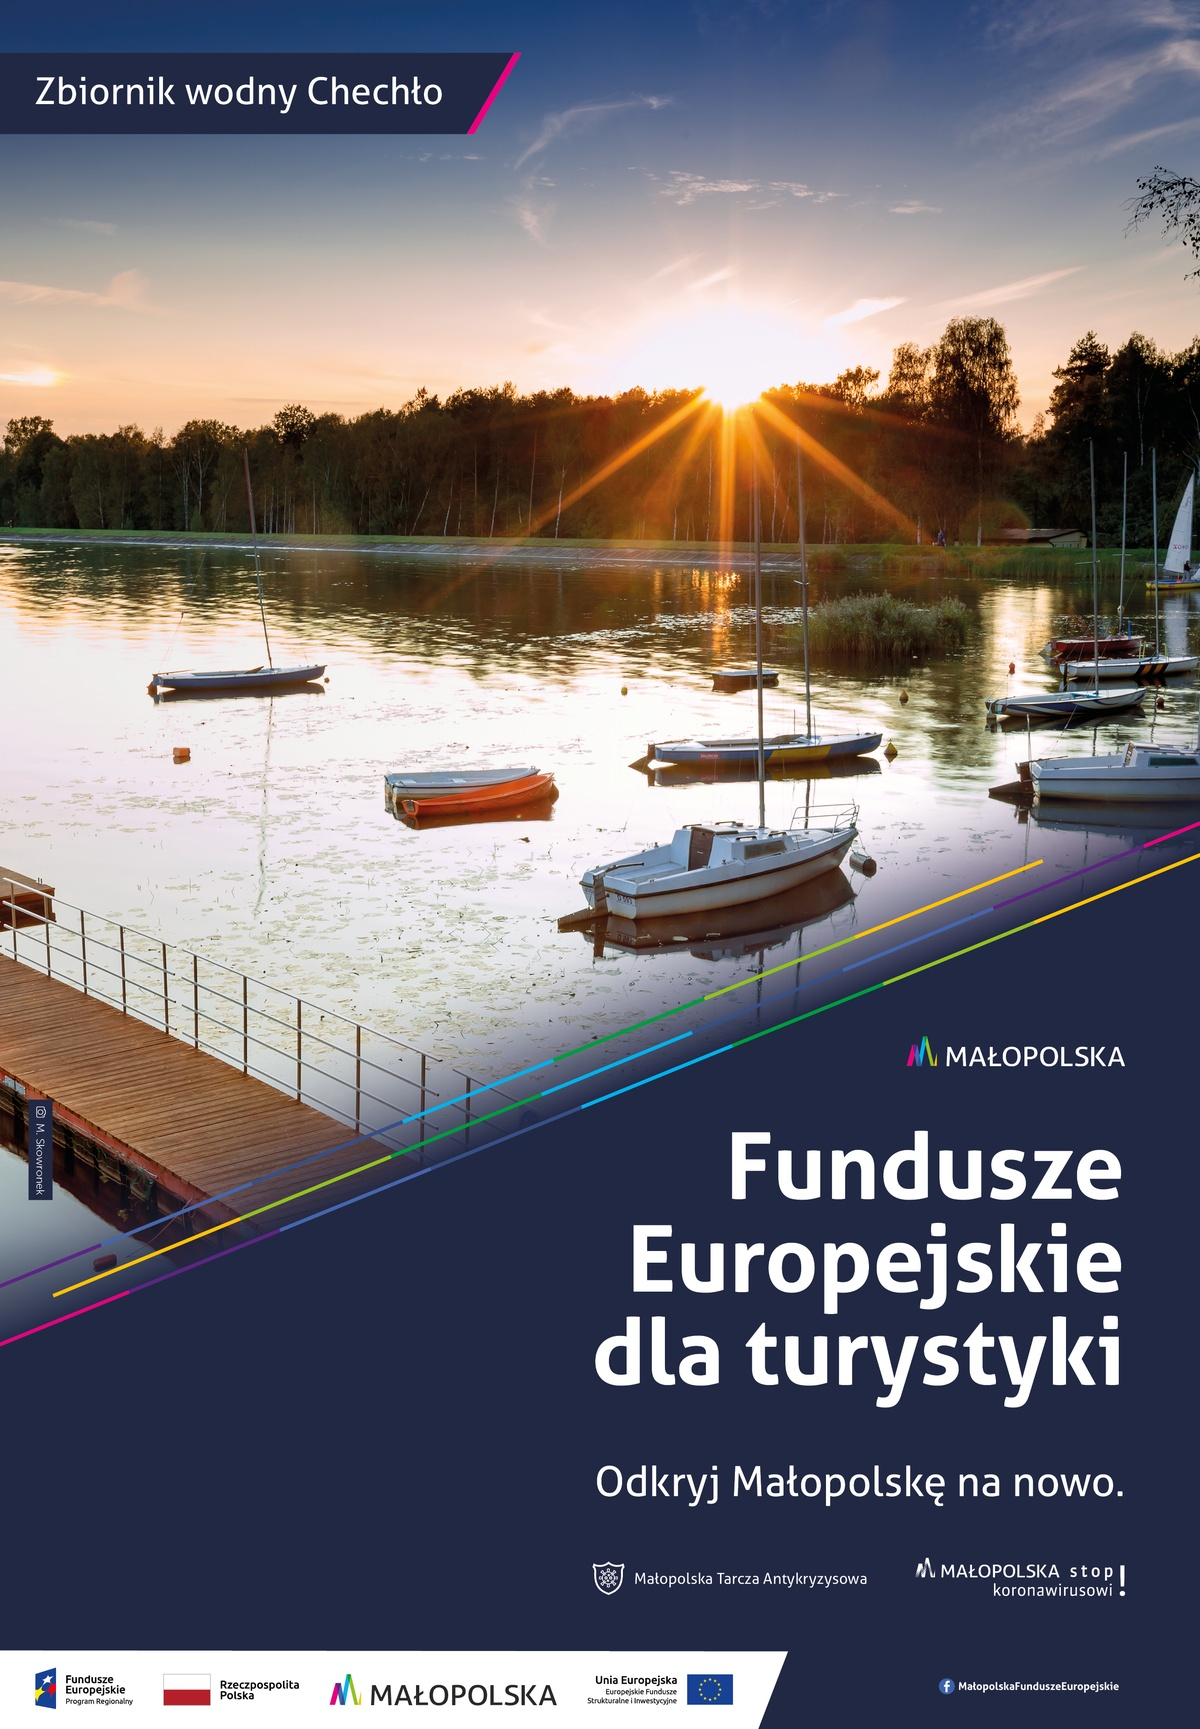 Plakat promujący Zalew Chechło